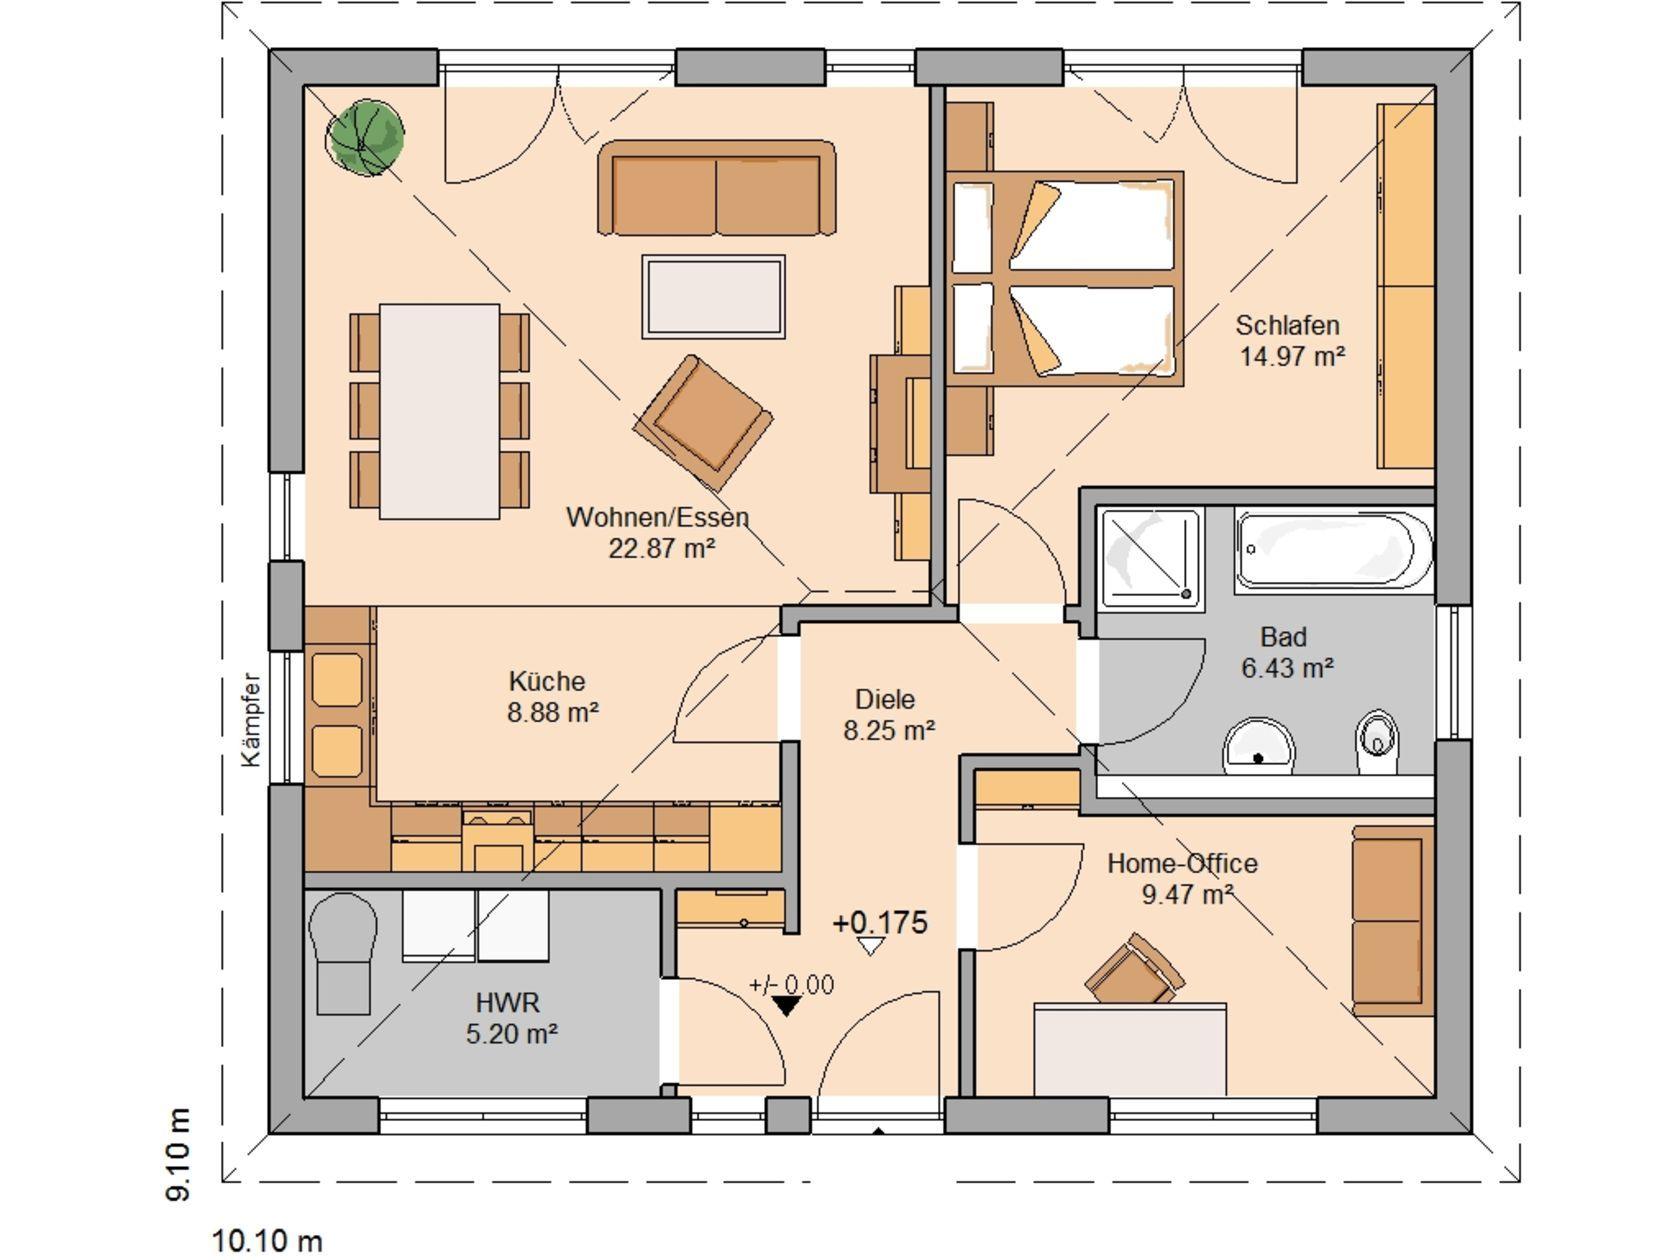 Einfamilienhaus mit kleiner einliegerwohnung grundriss  Kern-Haus Bungalow Easy Grundriss Erdgeschoss | Grundrisse ...